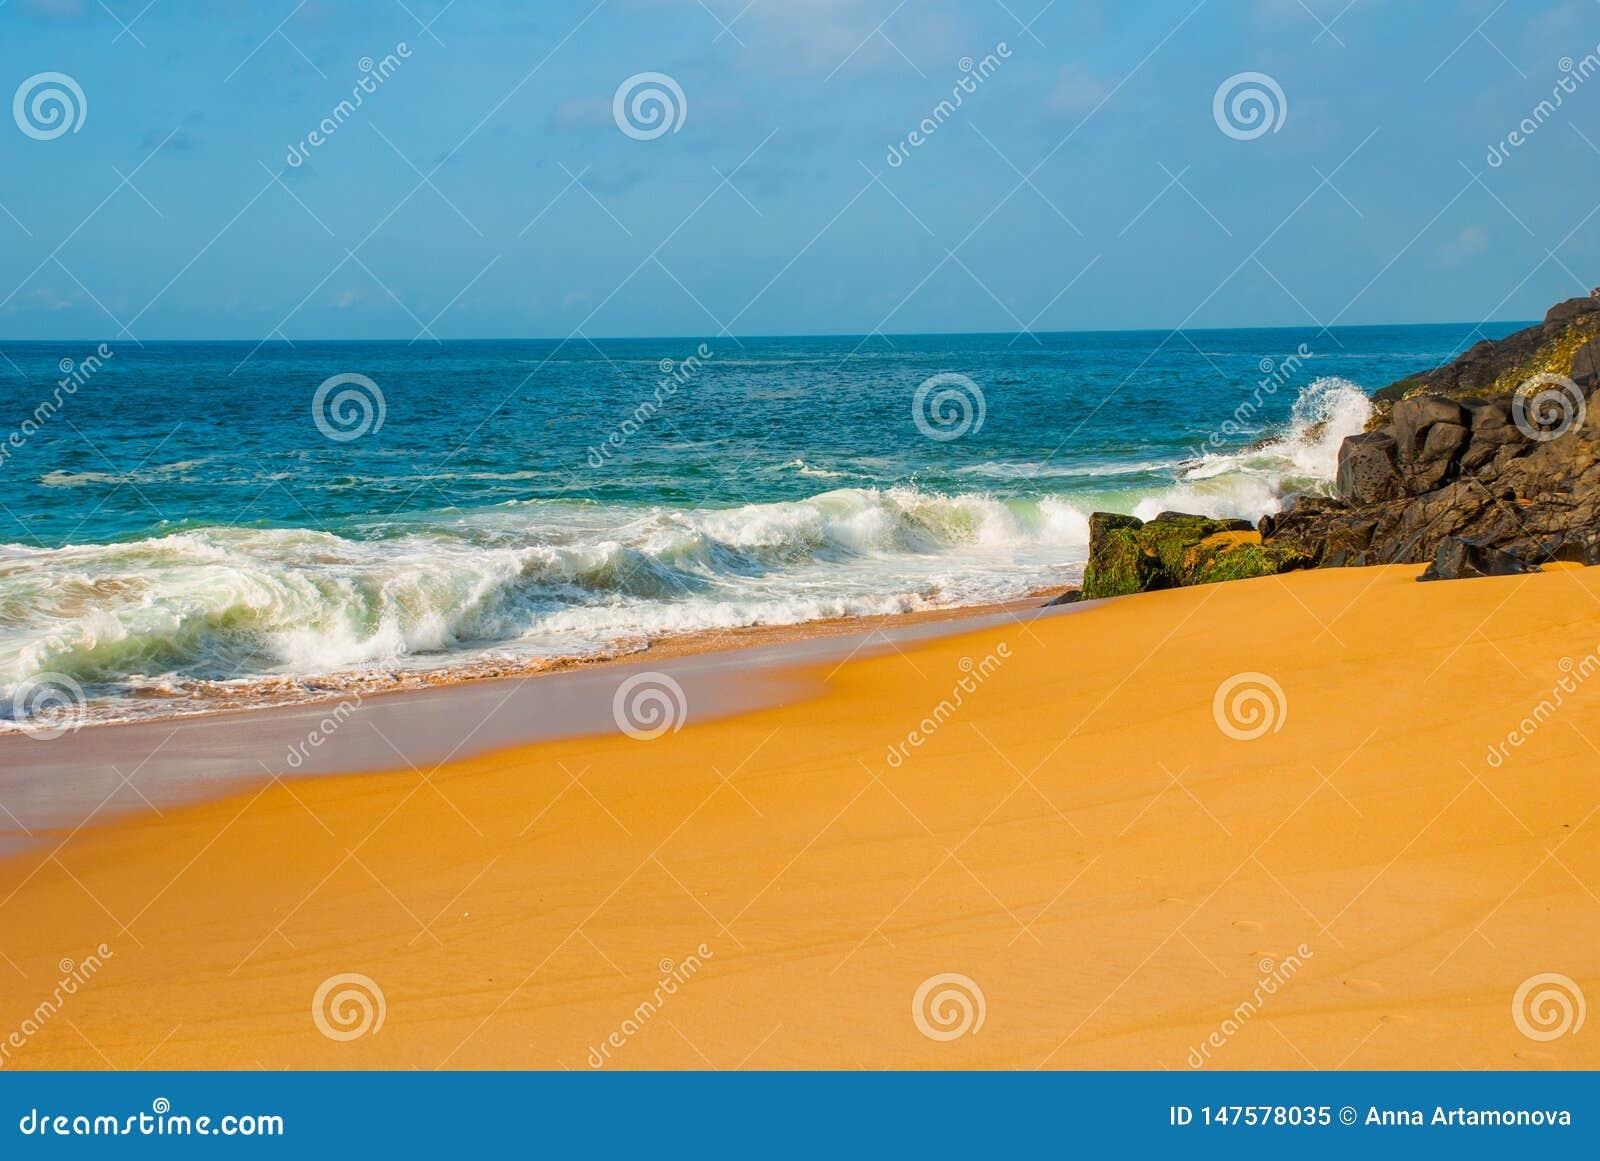 Plage br?silienne avec la mer ? sable jaune et bleue par temps ensoleill? brazil salvador beau chiffre dimensionnel illustration